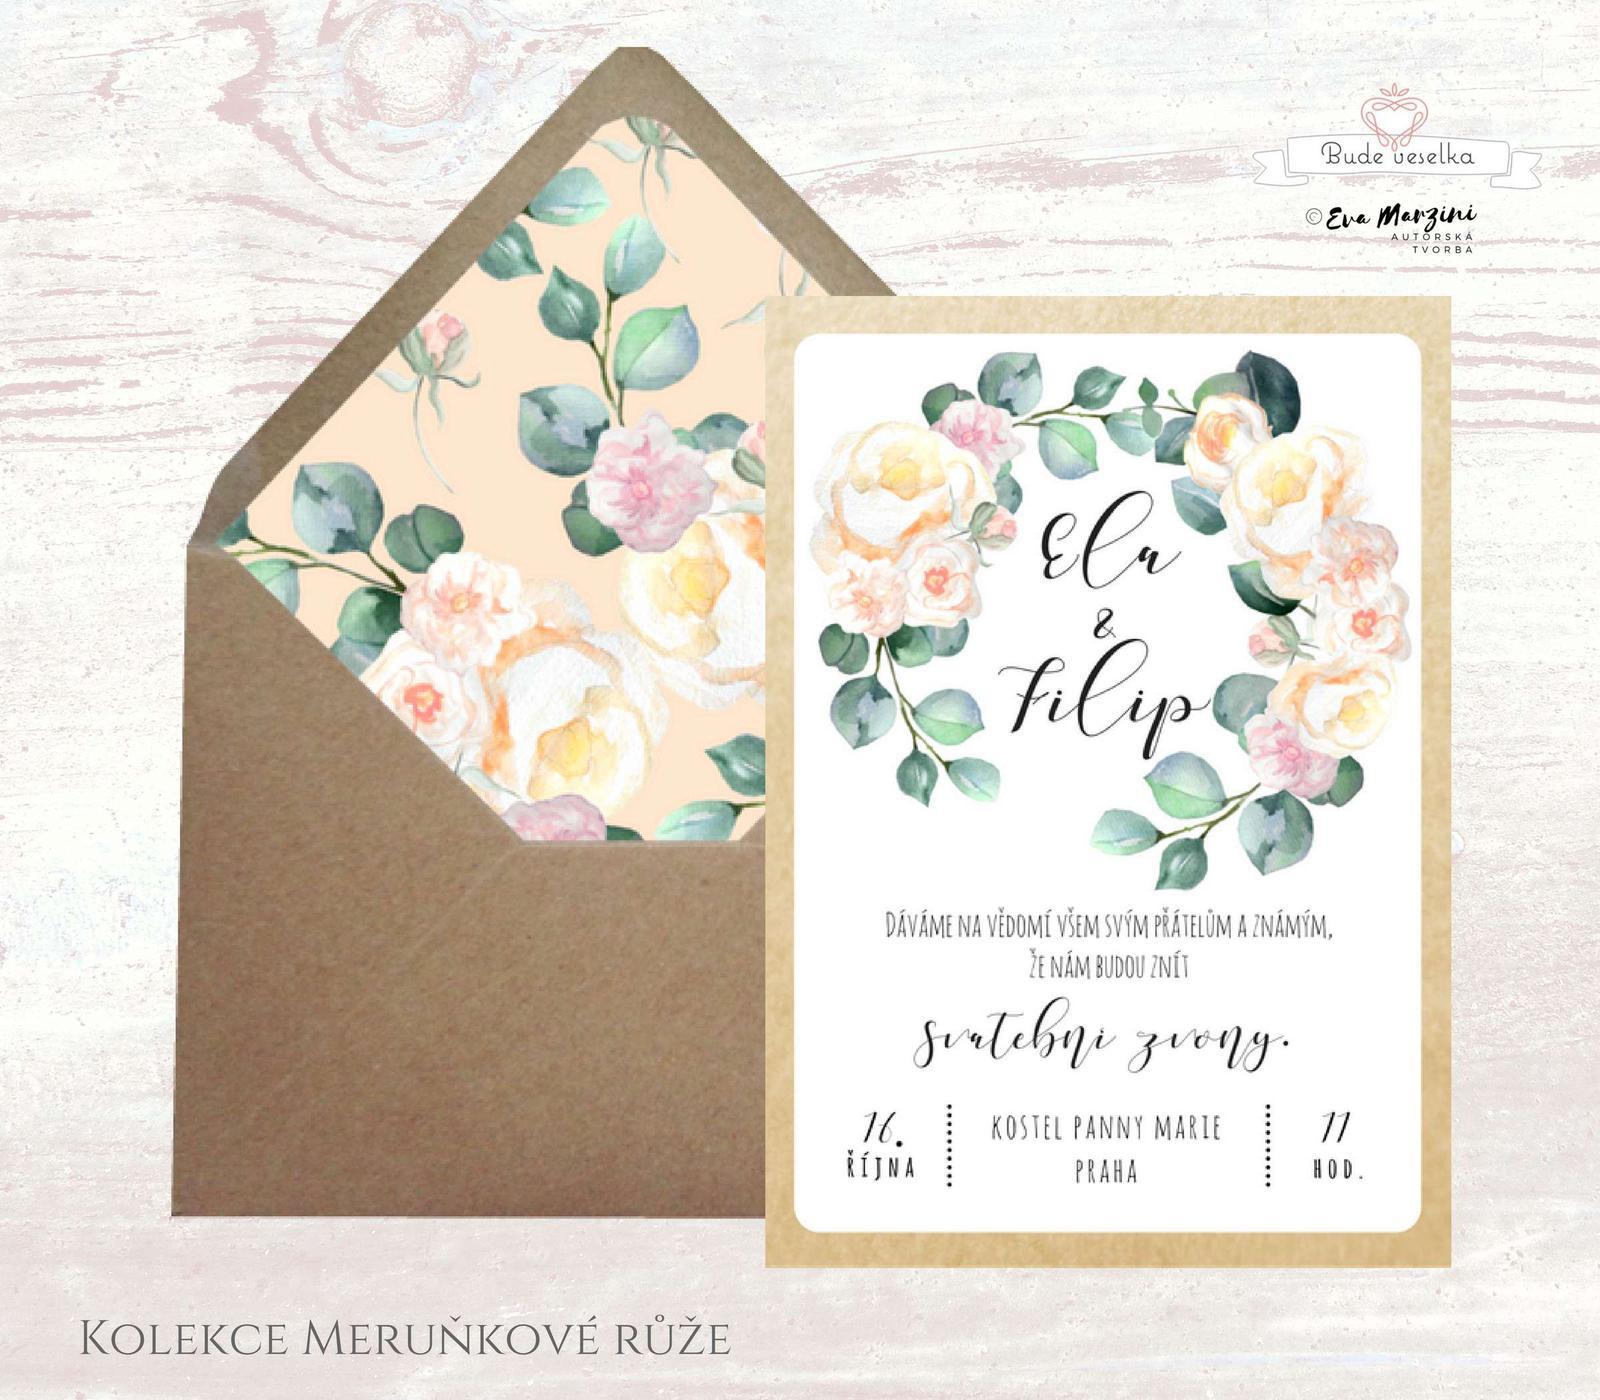 Oznámení Meruňkové růže, vintage, Budeveselka.cz - Obrázek č. 1